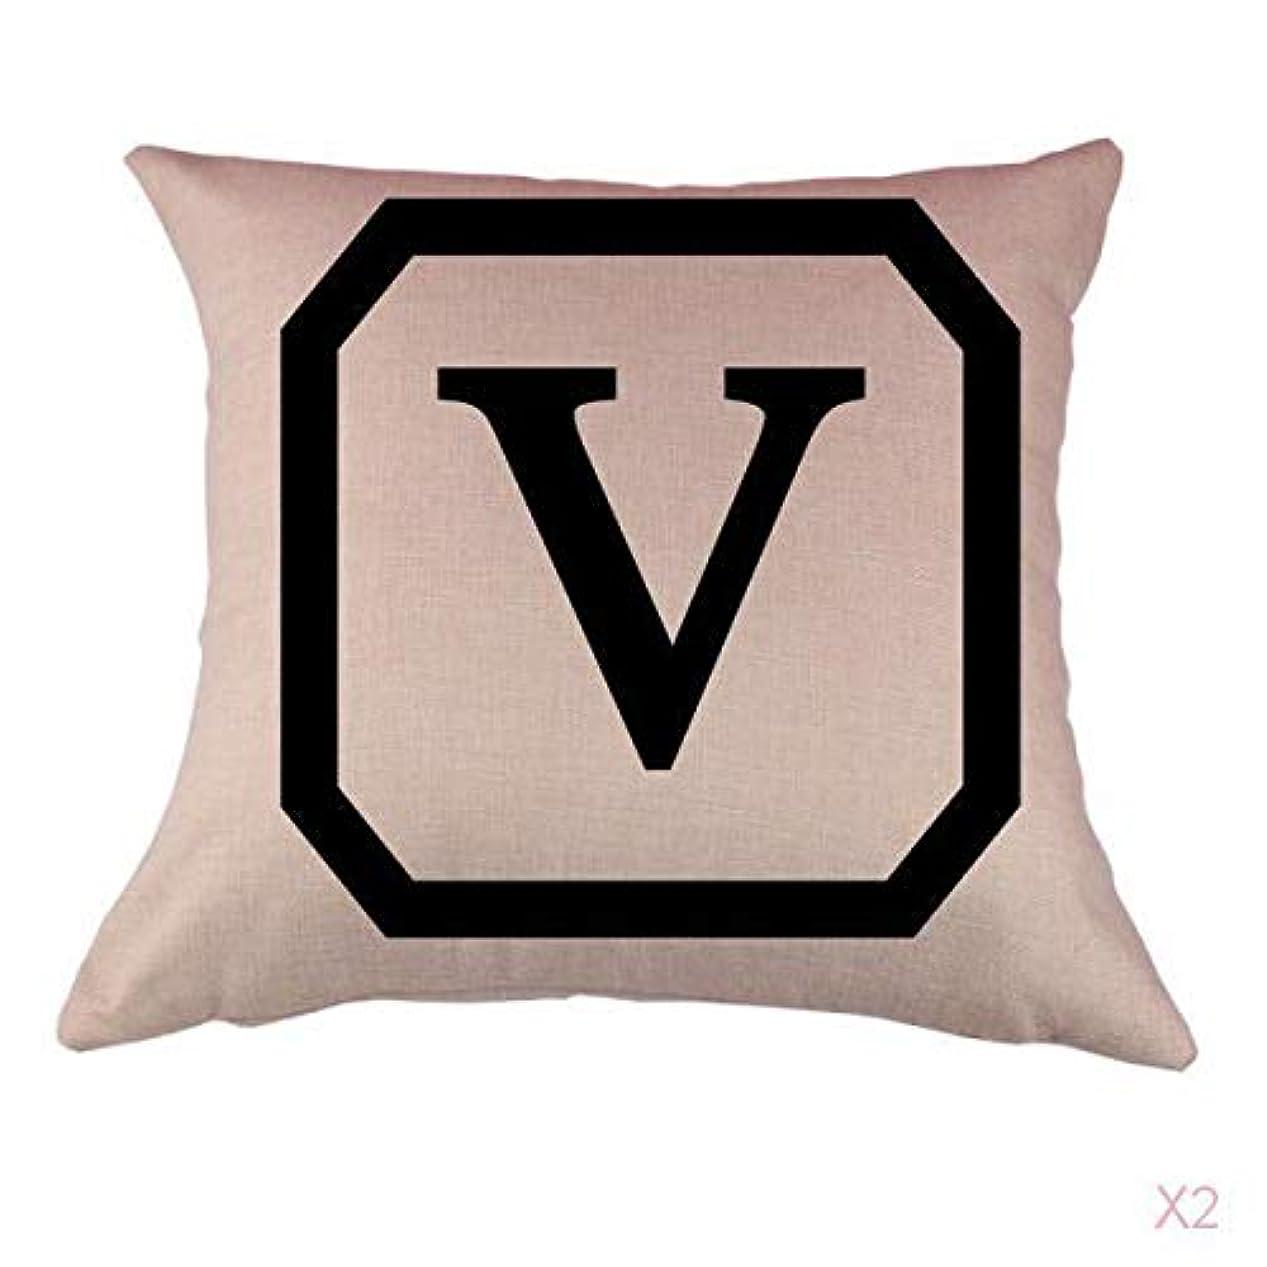 無臭妻用量FLAMEER コットンリネンスロー枕カバークッションカバー家の装飾、初期文字v